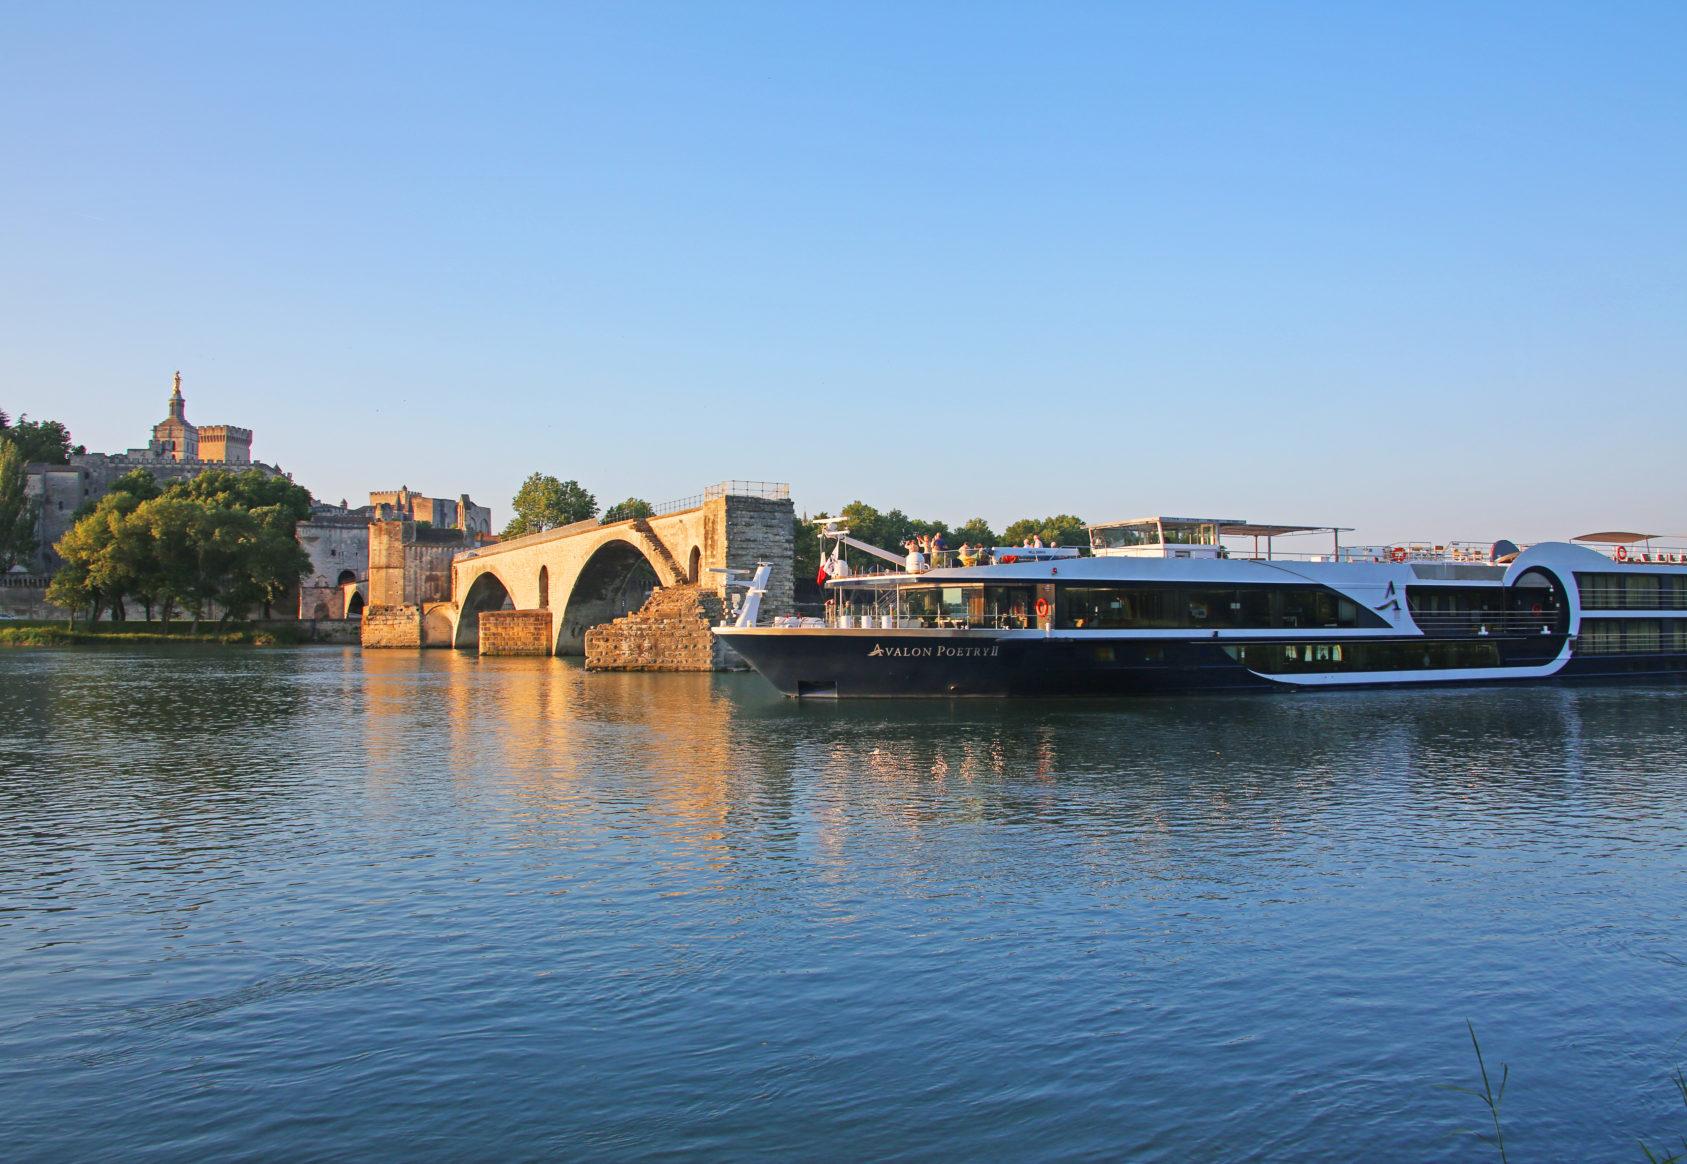 Avalon Poetry II, Rhône River